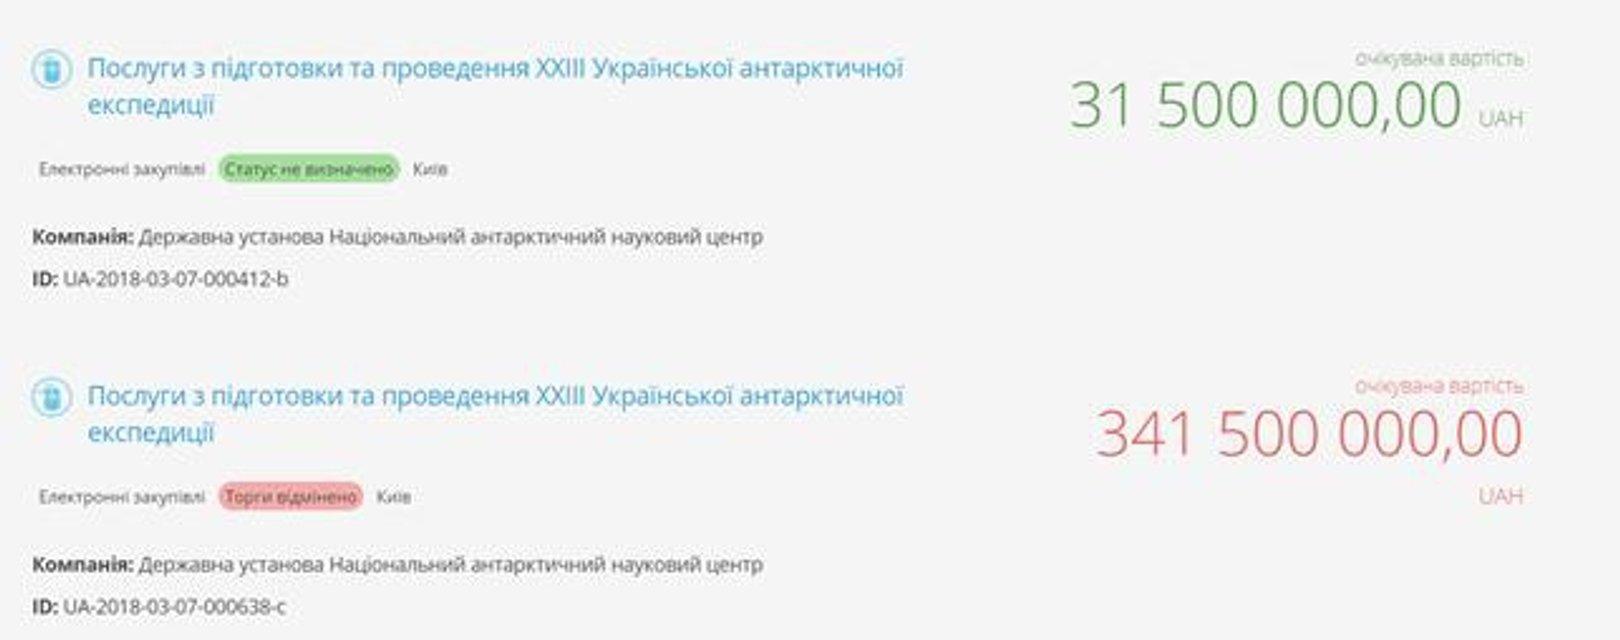 Как фирмы-прокладки украинских чиновников помогают выигрывать тендеры на десятки миллионов - фото 113378